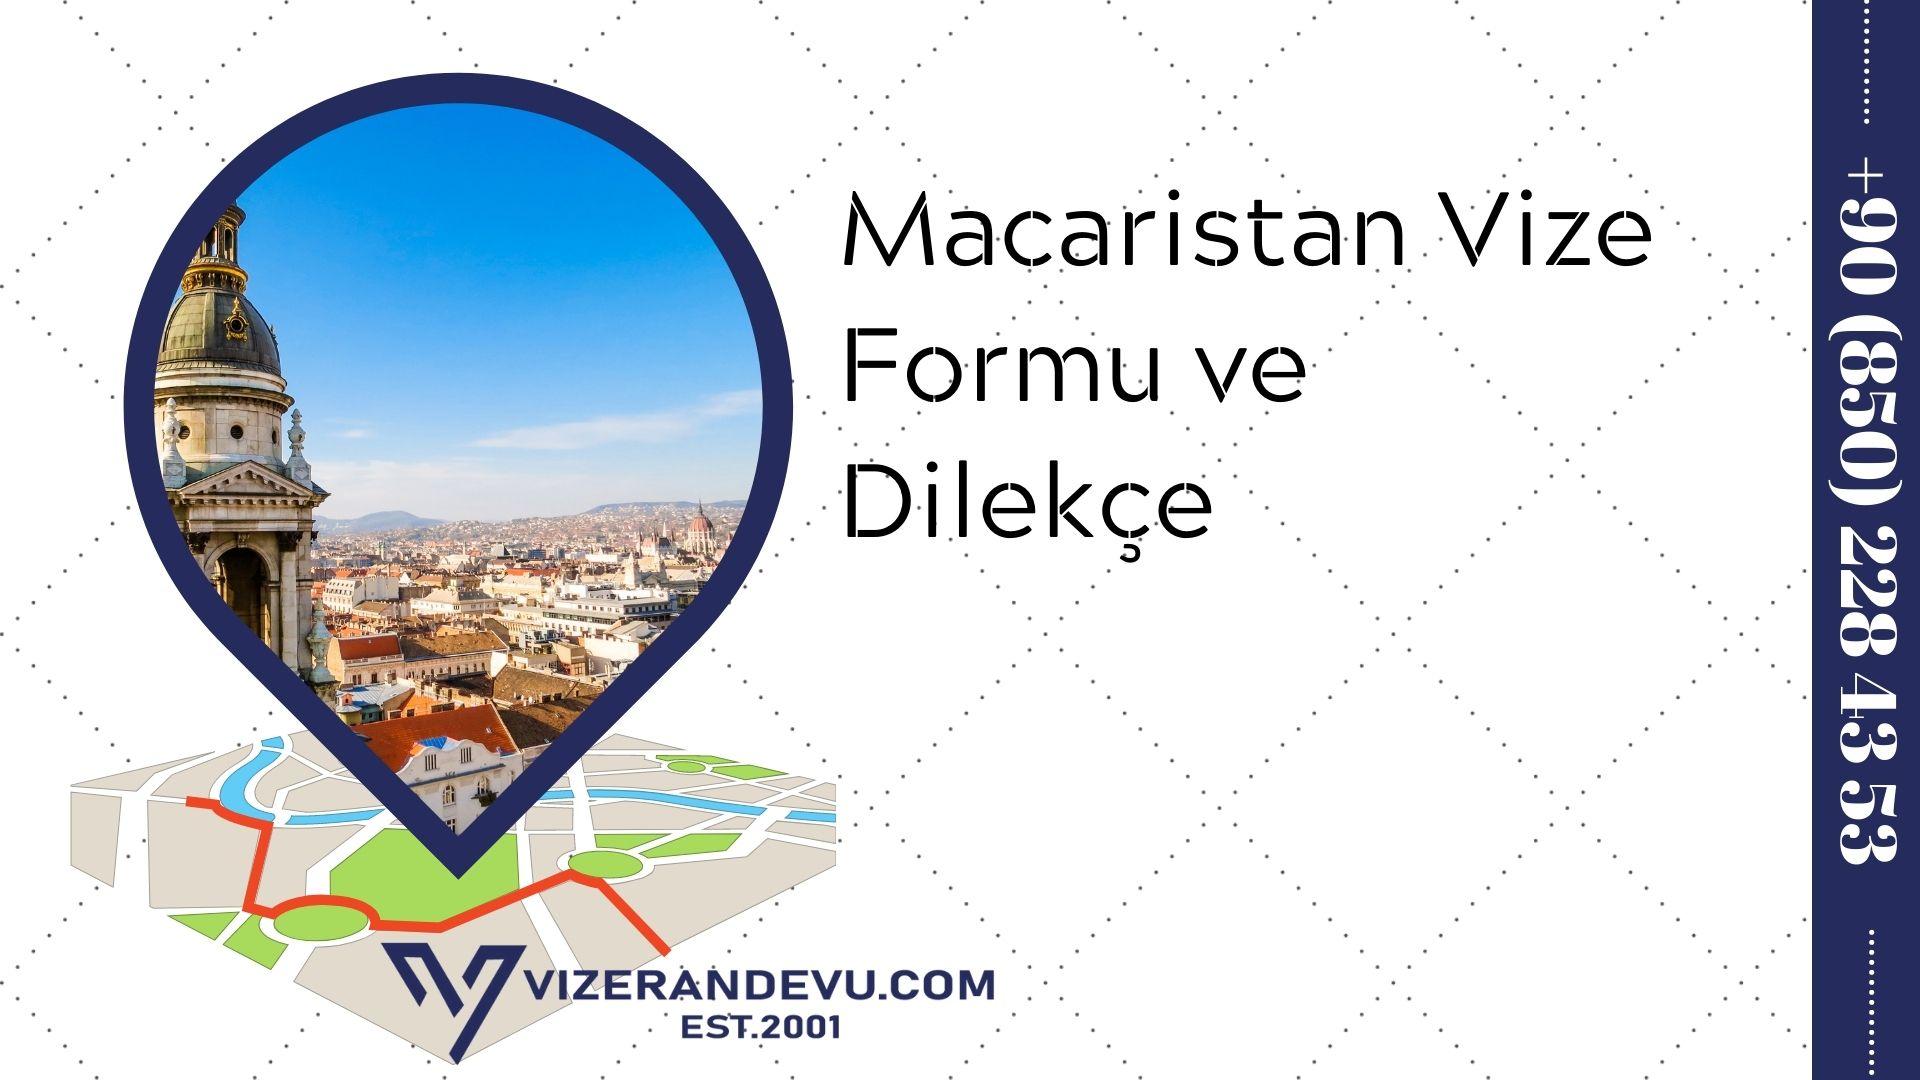 Macaristan Vize Formu ve Dilekçe 2021